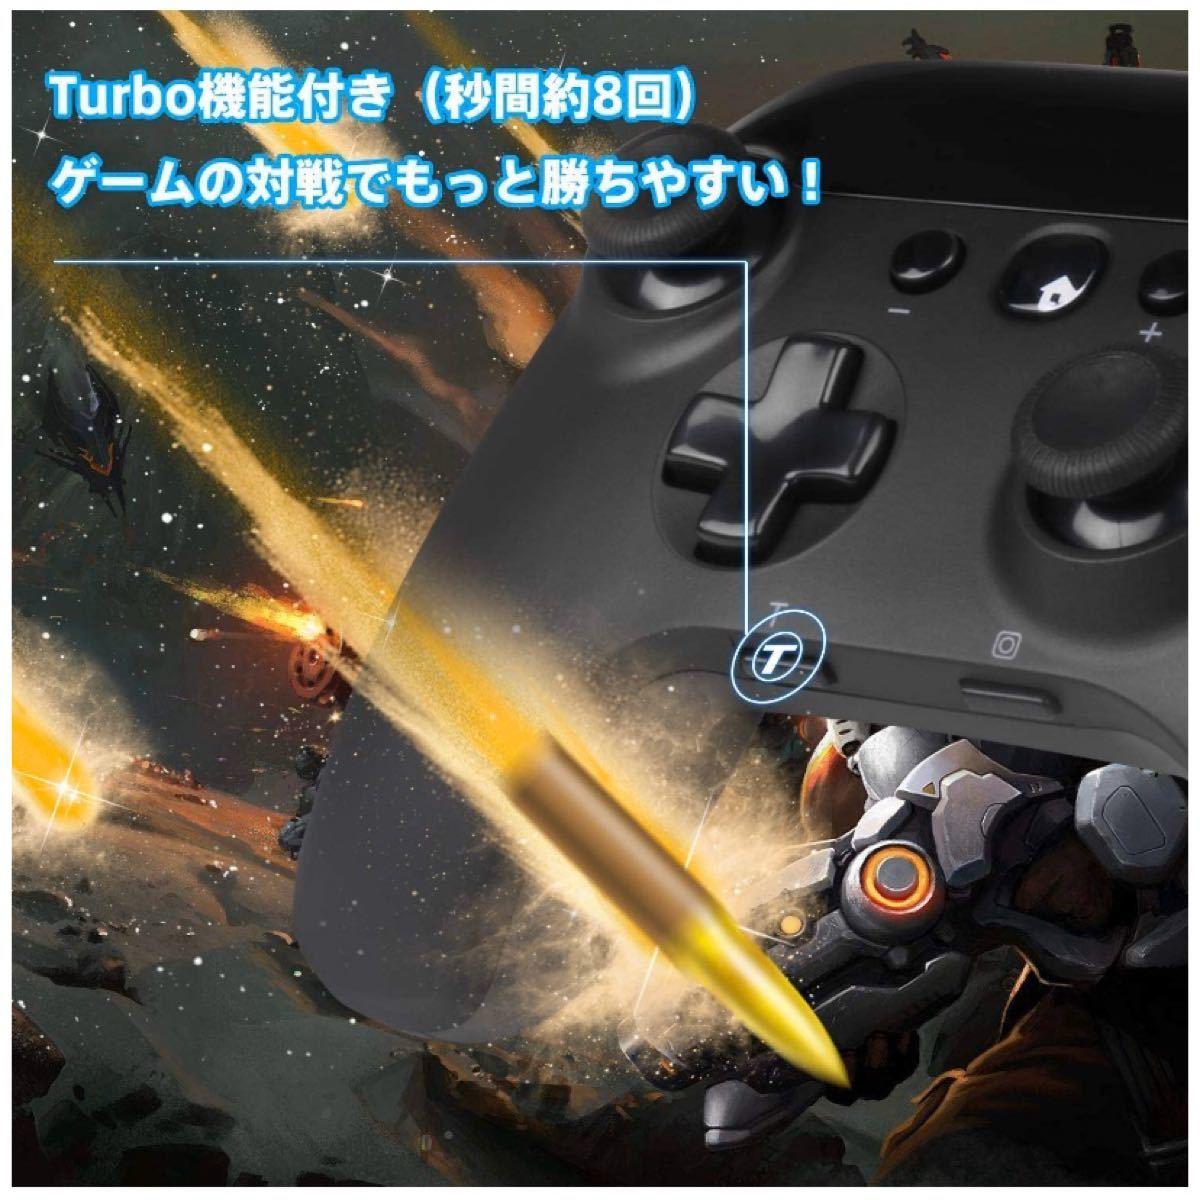 ワイヤレス Switch コントローラー TURBO連射 H振動 ジャイロセンサ